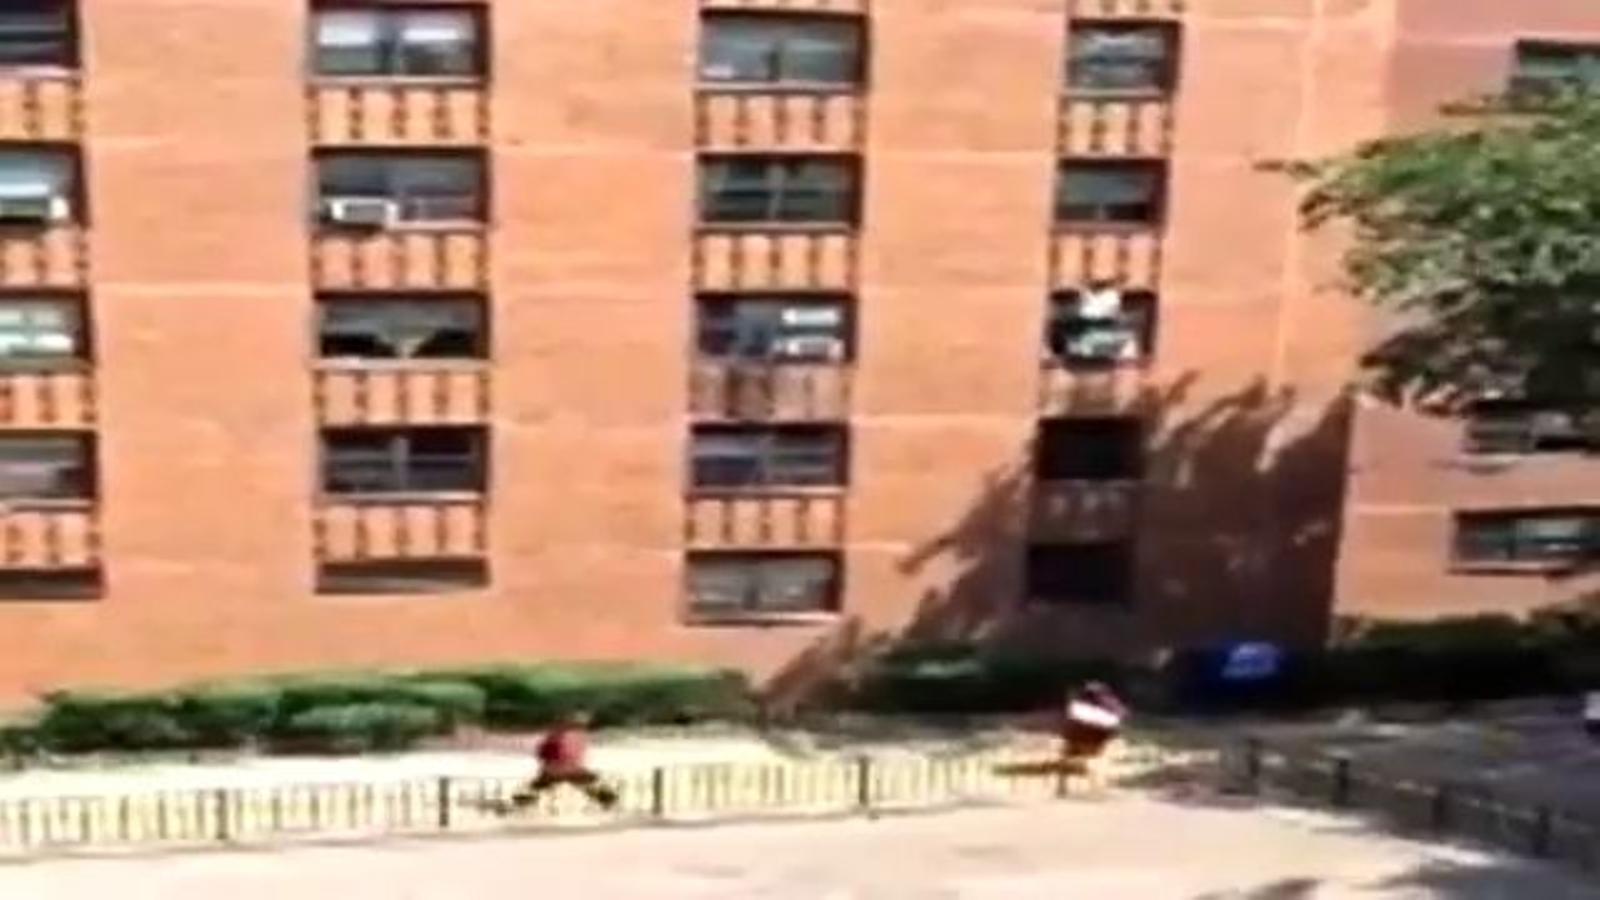 Un home salva una nena al caure d'un tercer pis a Nova York